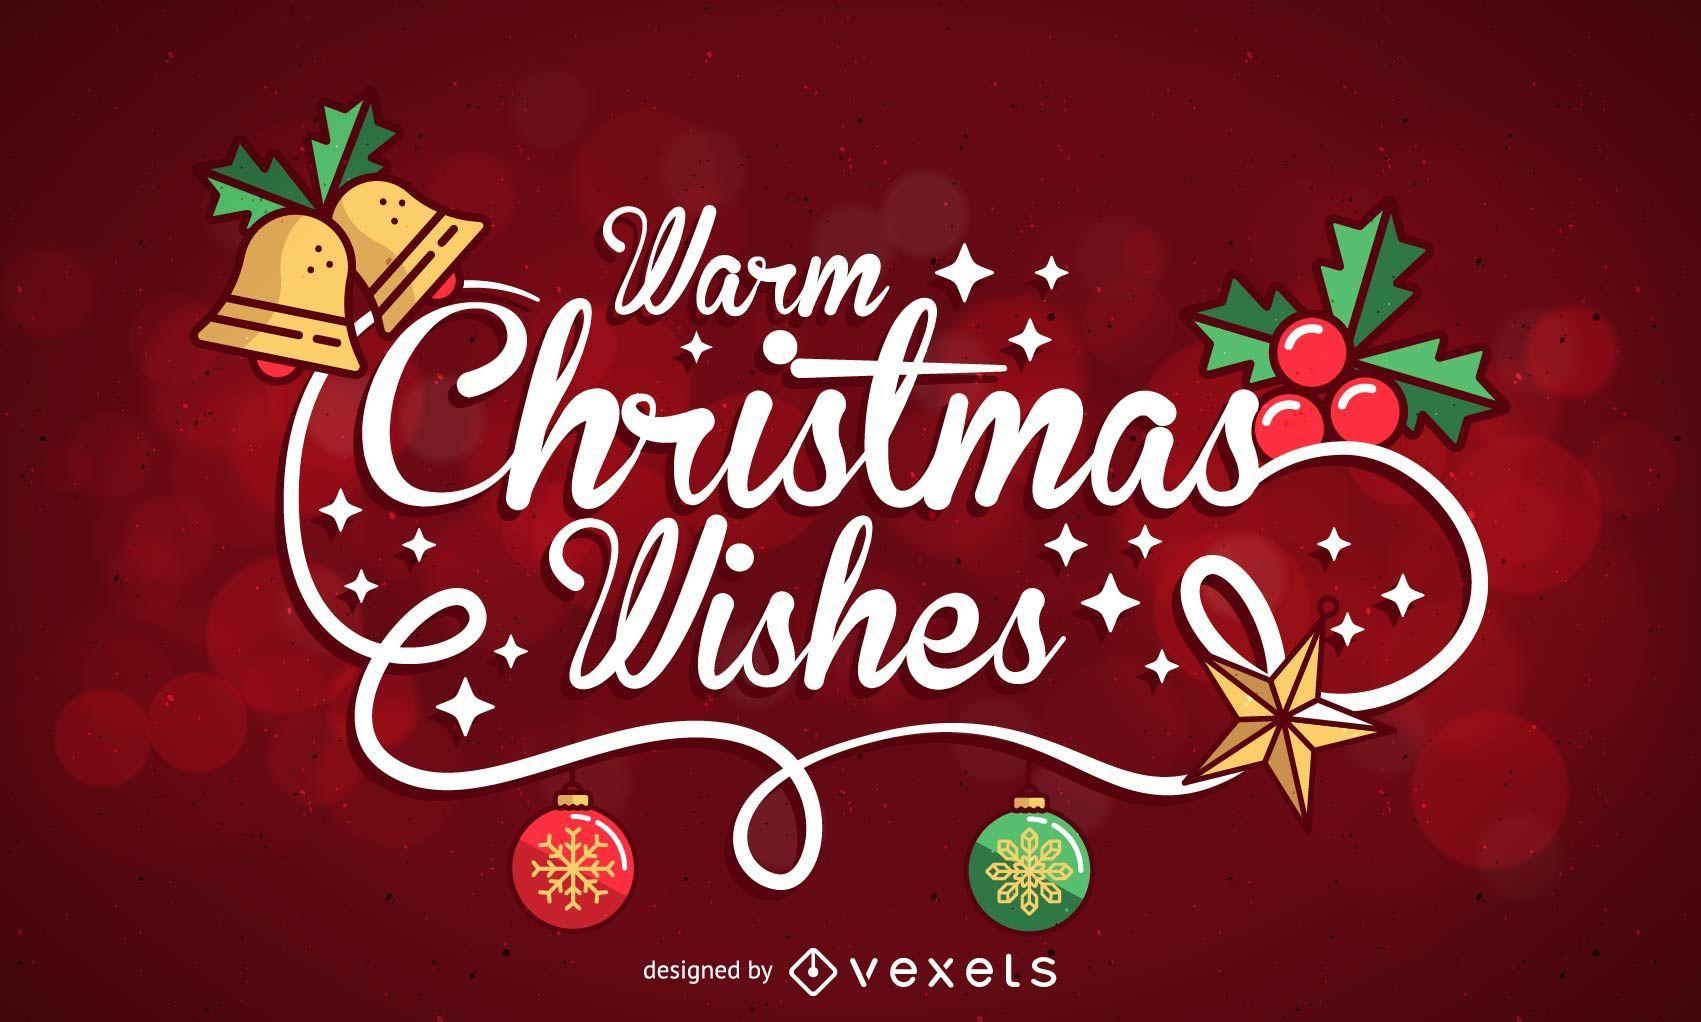 Christmas NewYear Cards Vector